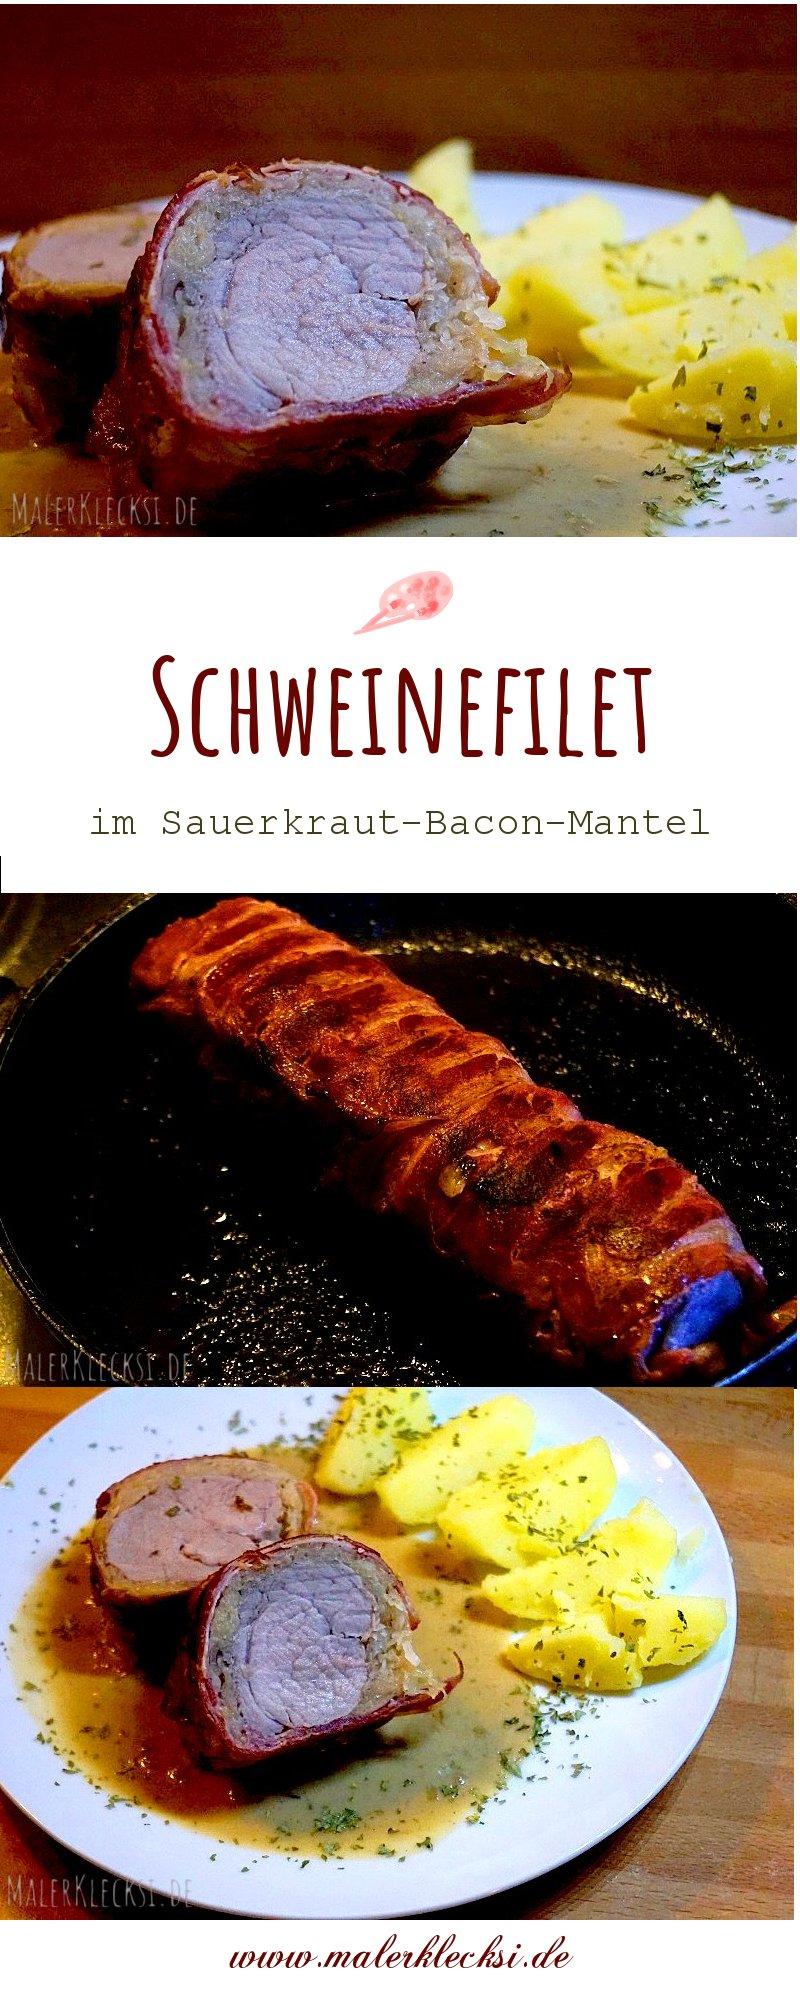 Resteverwertung, leckeres Rezept für Schweinefilet im Sauerkraut-Bacon-Mantel